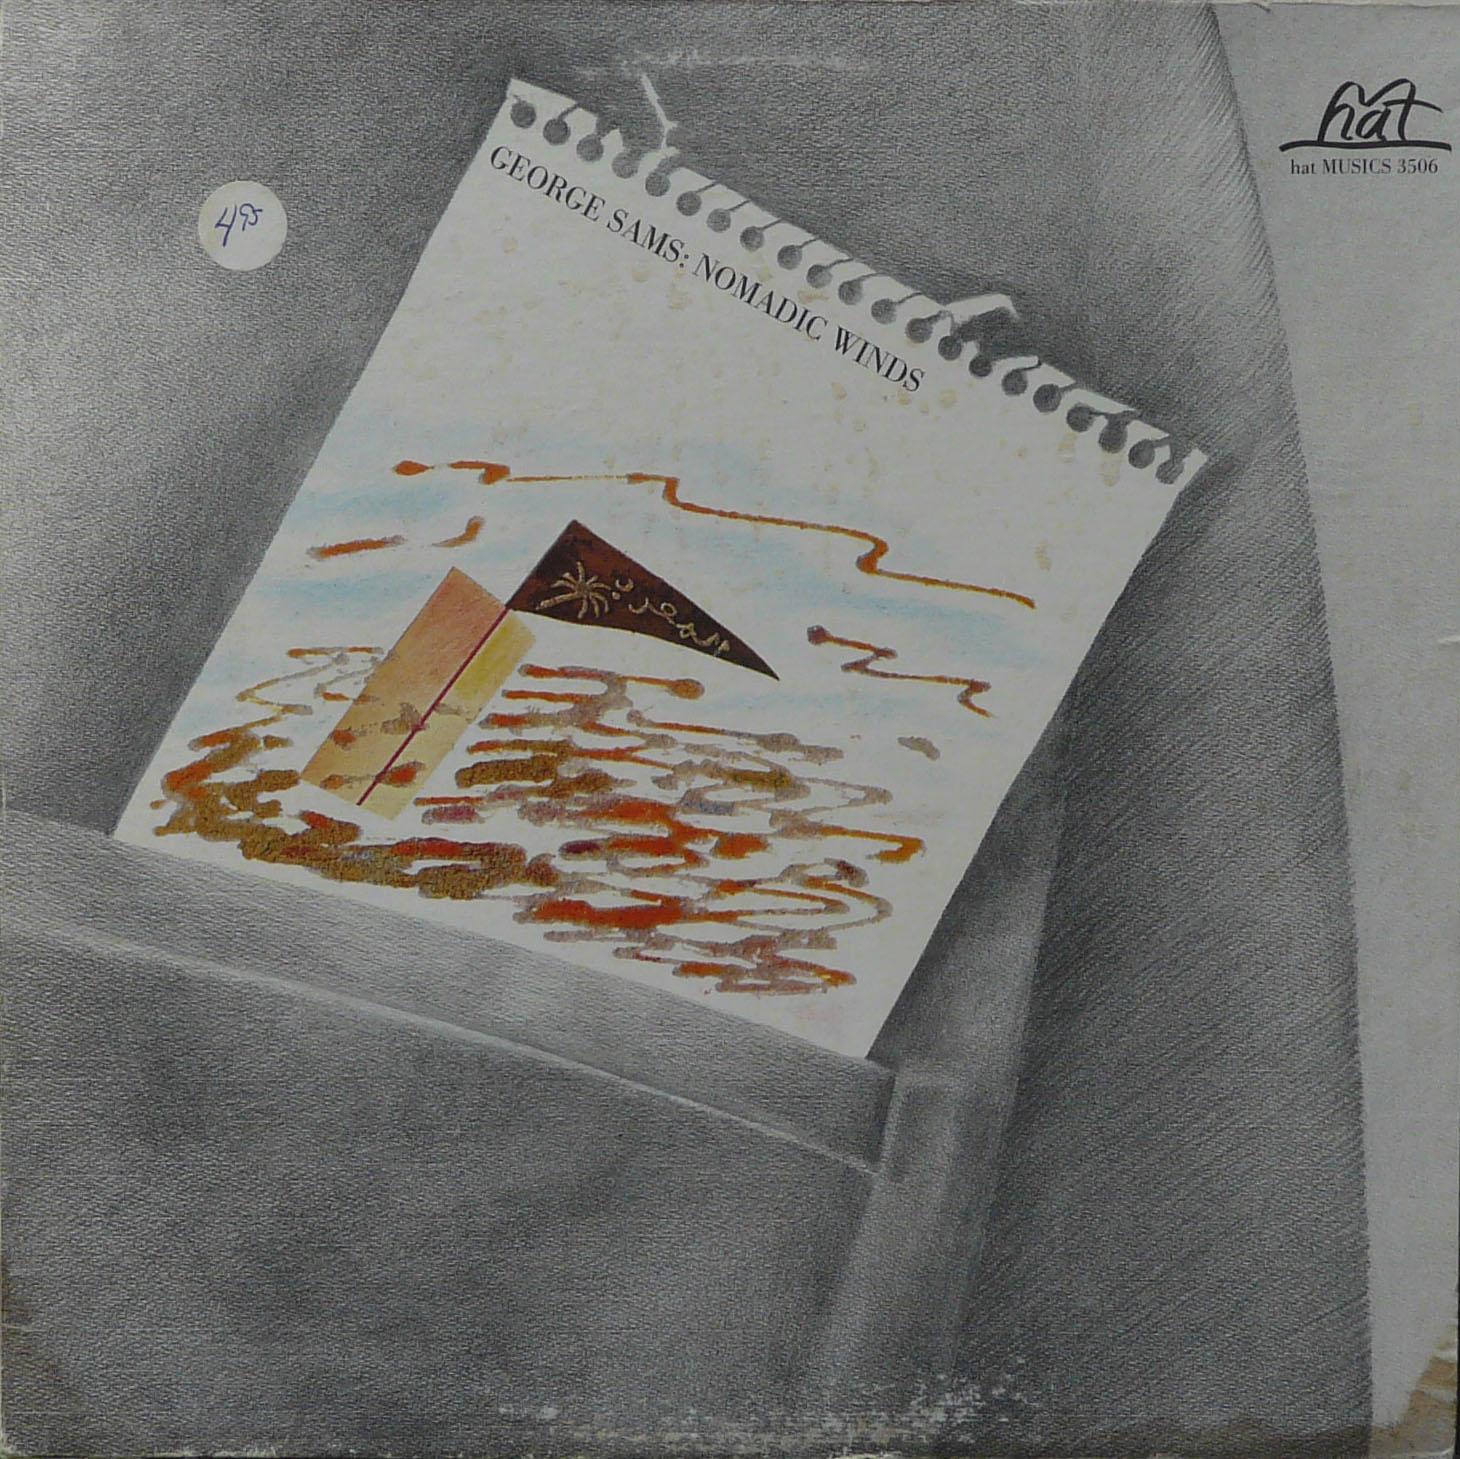 Takehisa Kosugi Violin Music May 10 1986